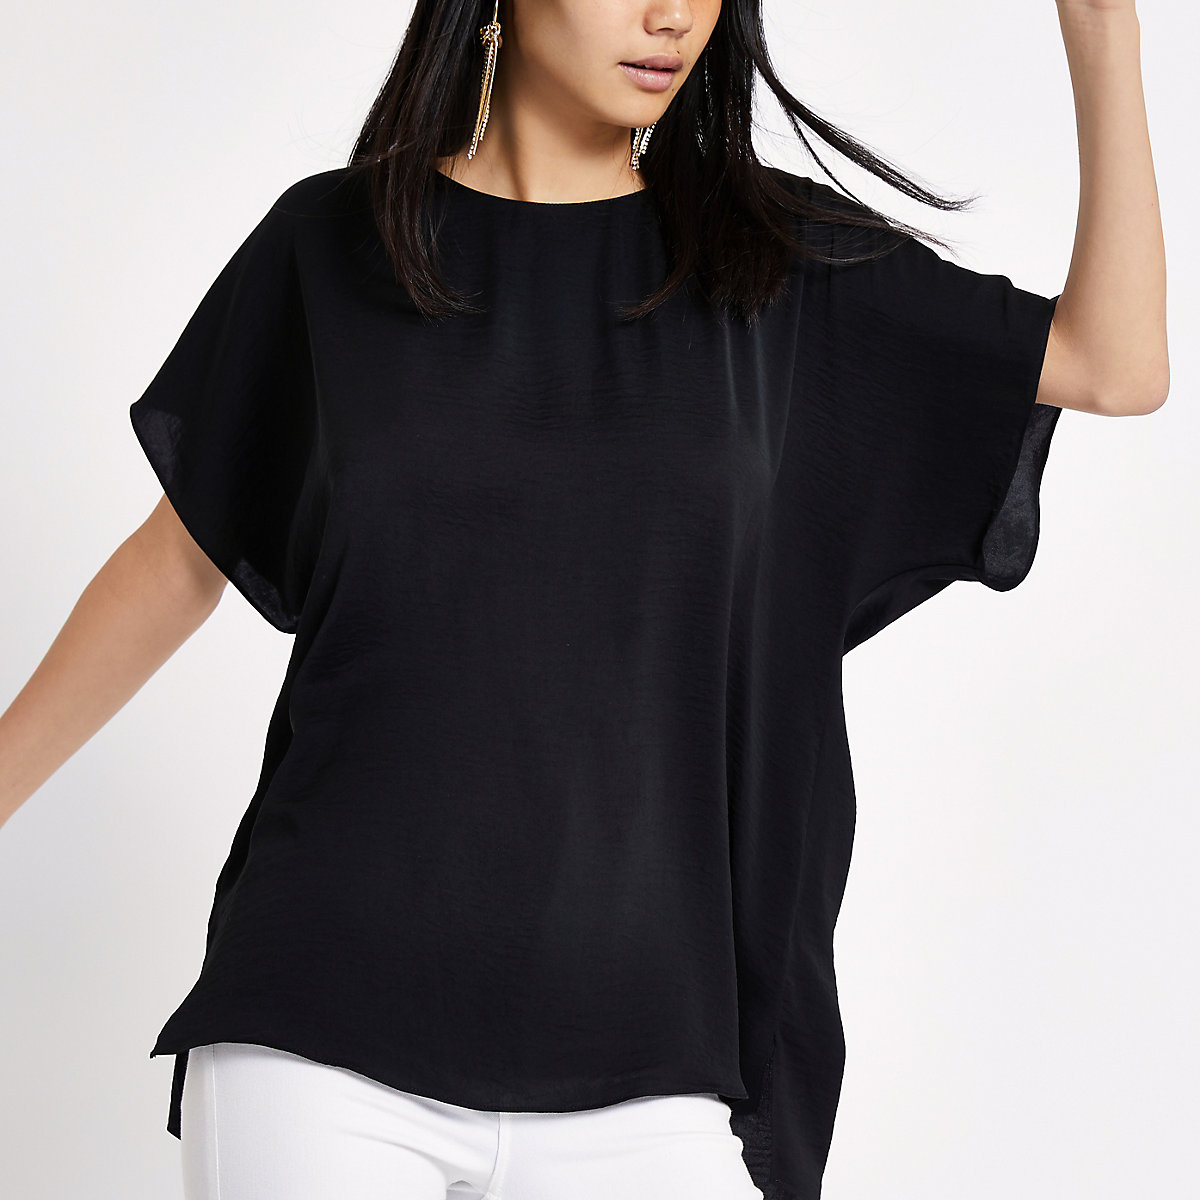 T-shirt noir avec bande dans le dos